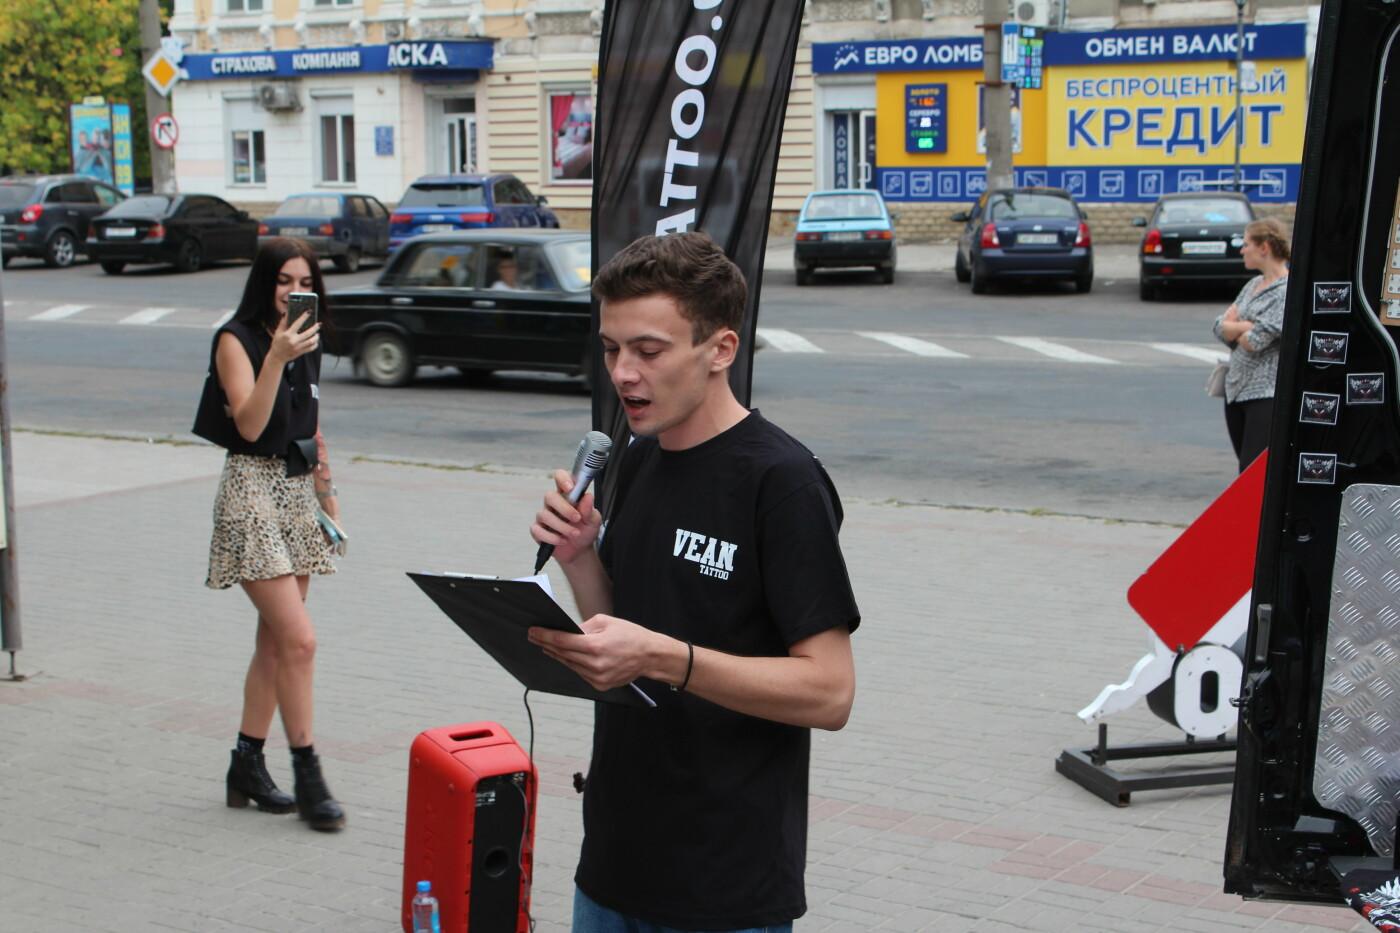 Более 100 топовых тату-мастеров съехались на фестиваль в Бердянск. Как это было?, - ФОТО, фото-2